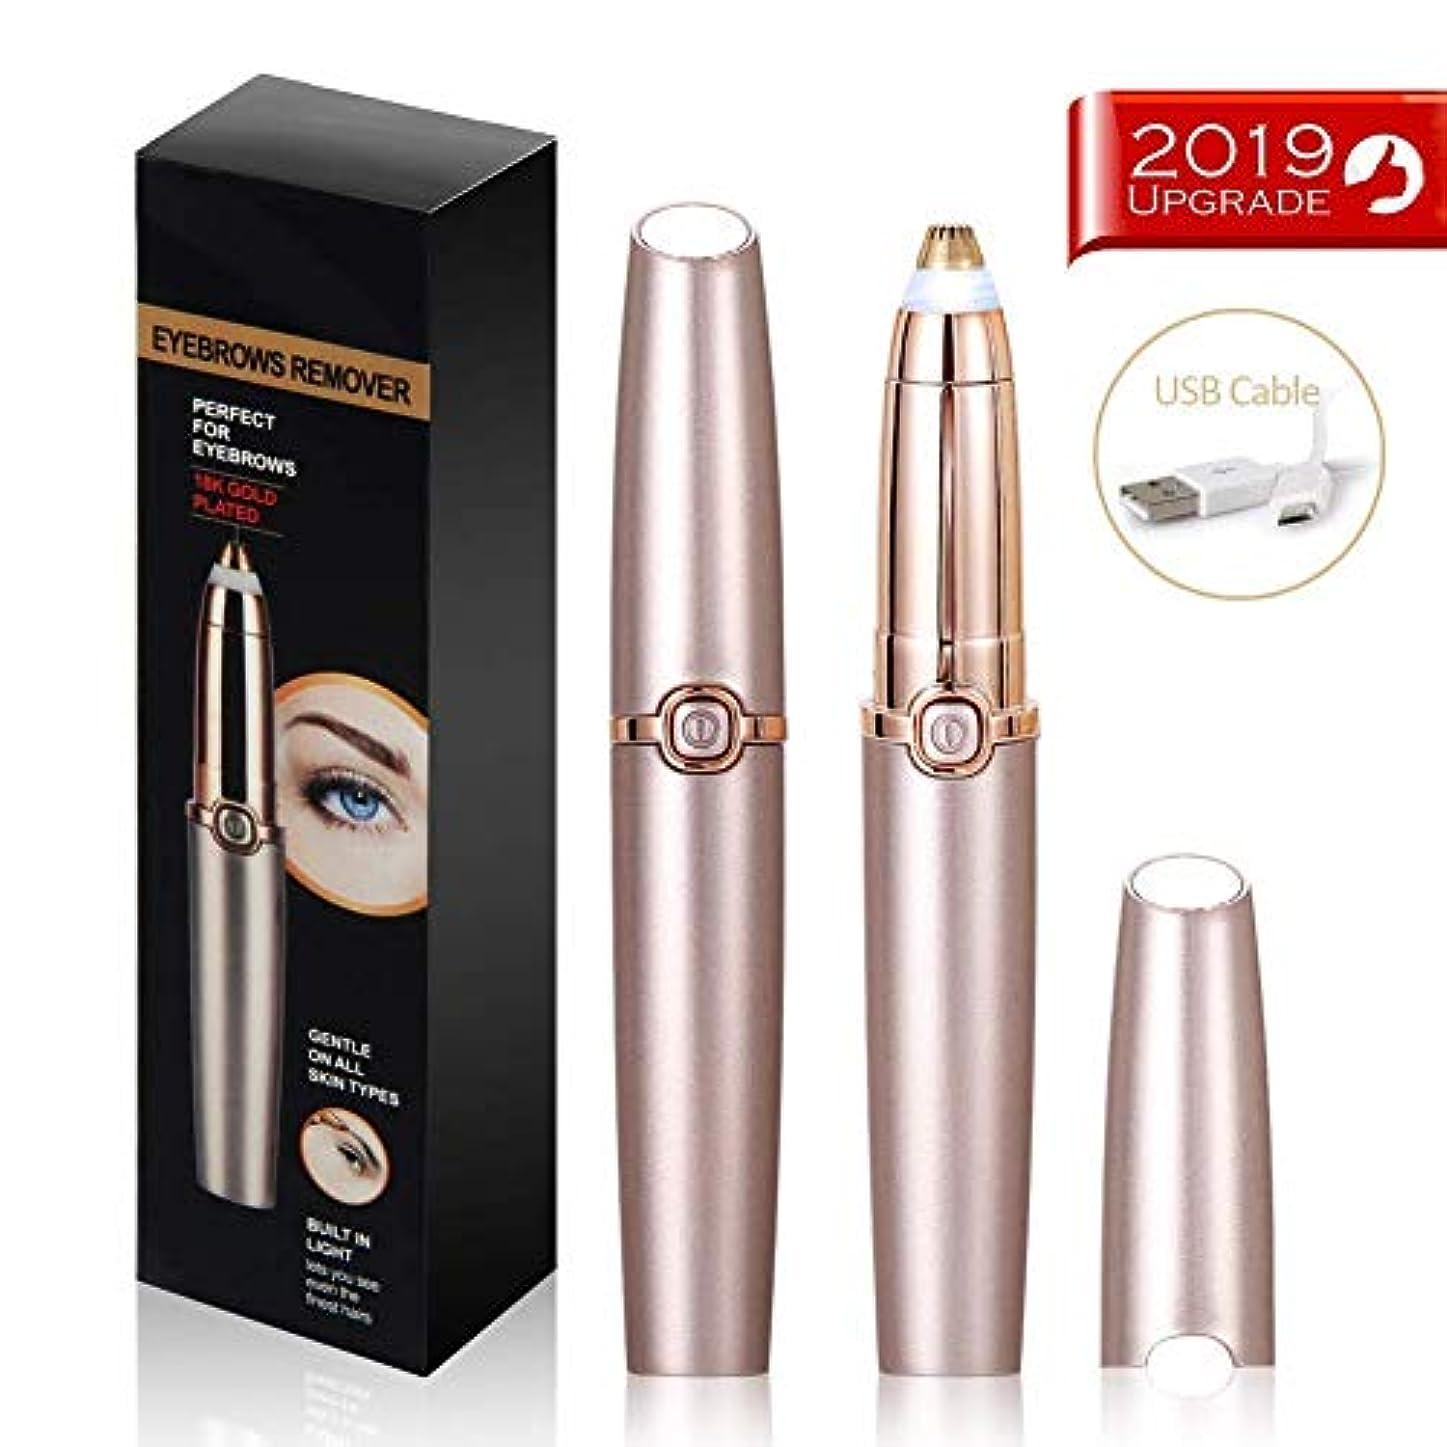 ムスタチオ別れる繁栄する眉毛脱毛器ペン、女性用の完璧な精密電動眉毛トリマー、ビルトインLEDライト、USB充電式、クリーニングブラシ